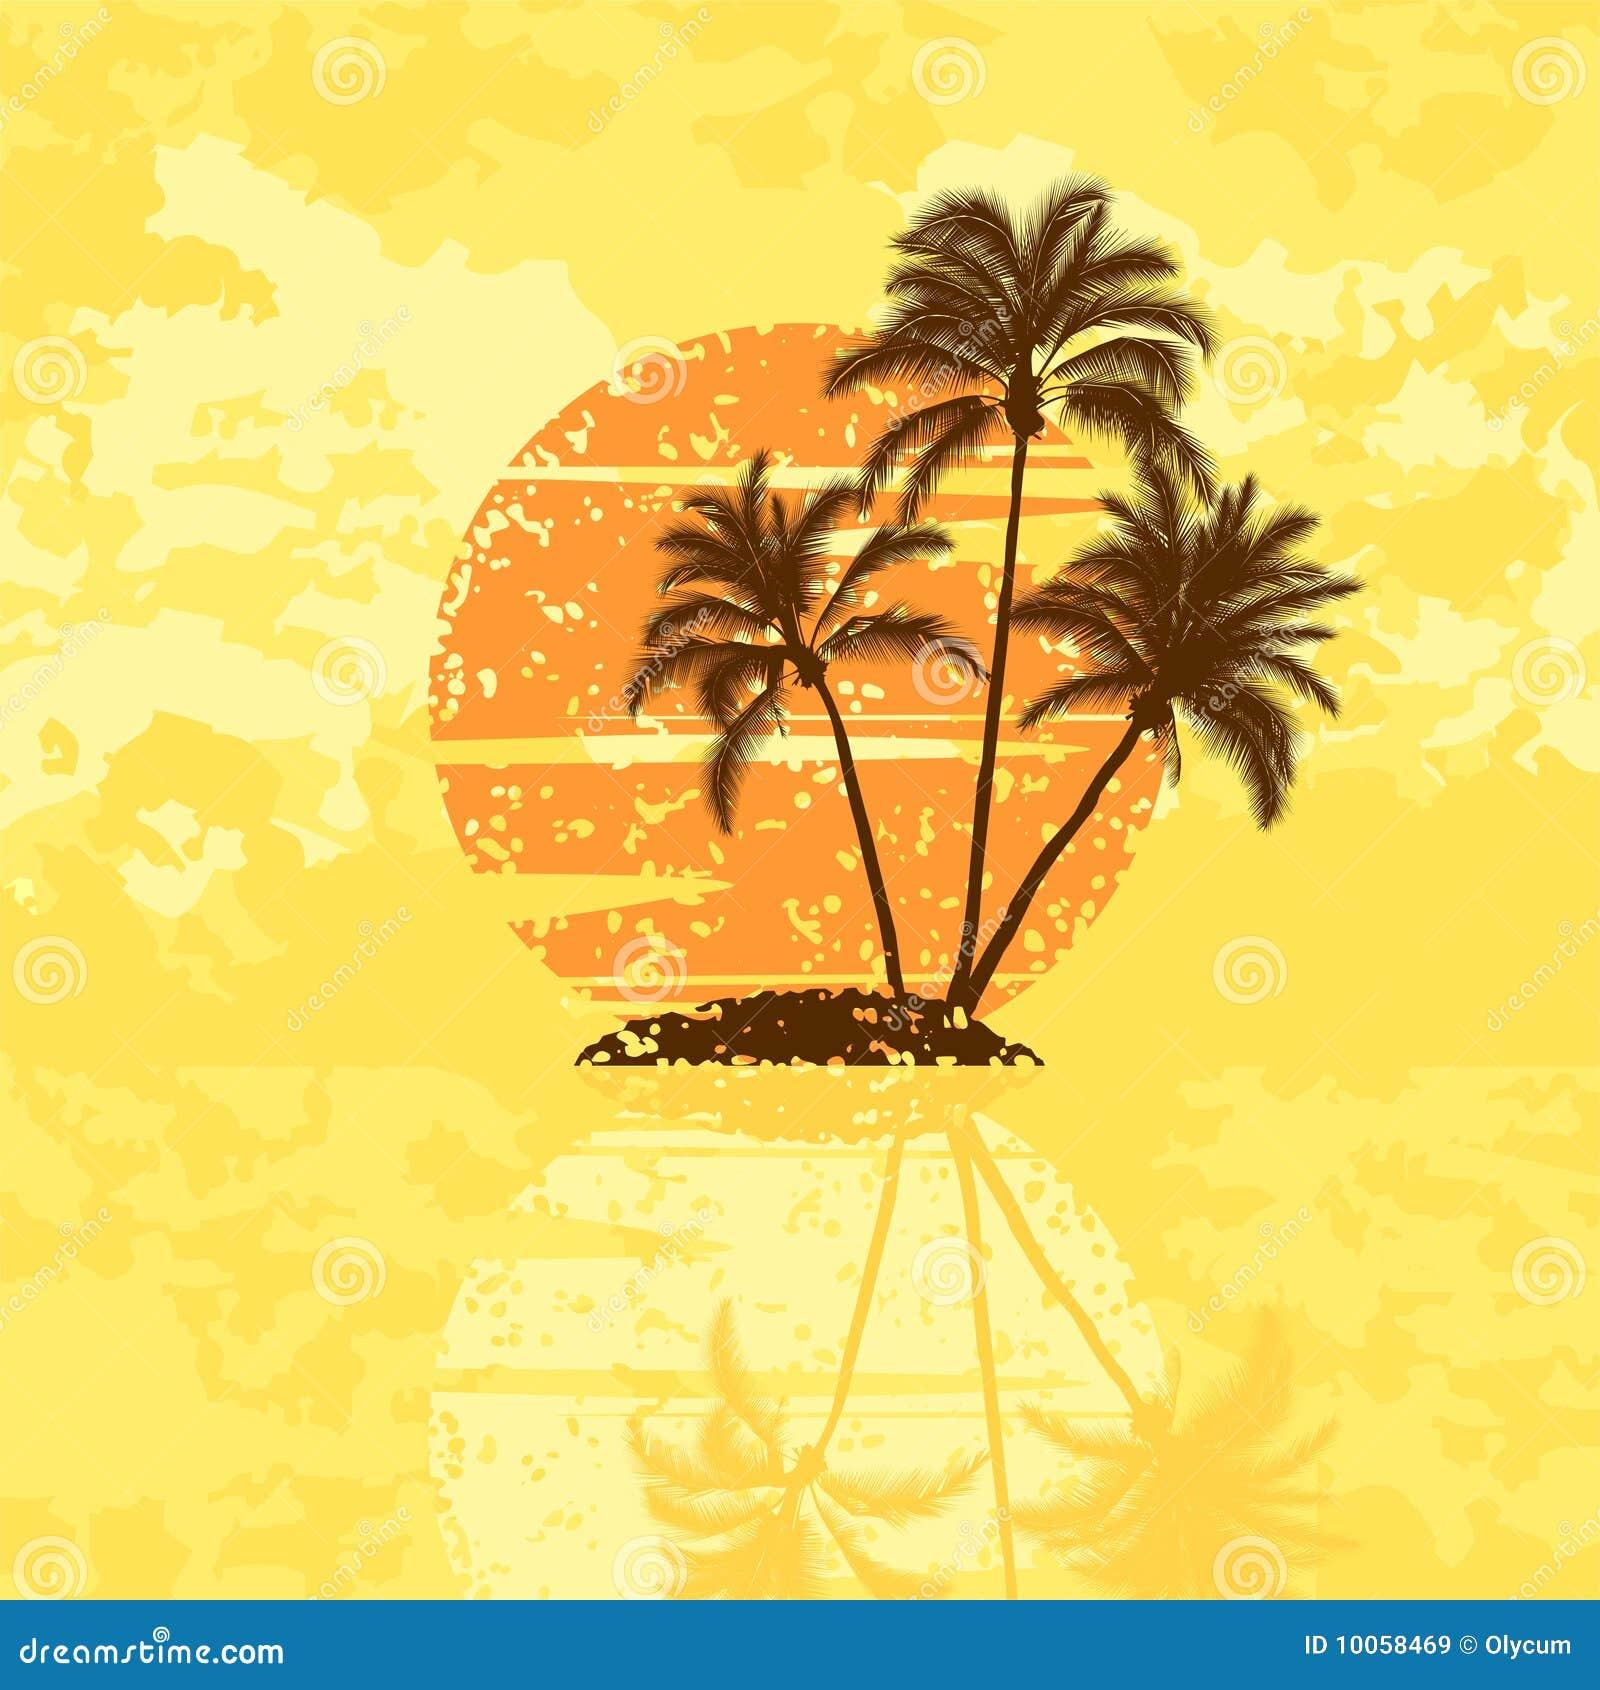 Console com palmeiras